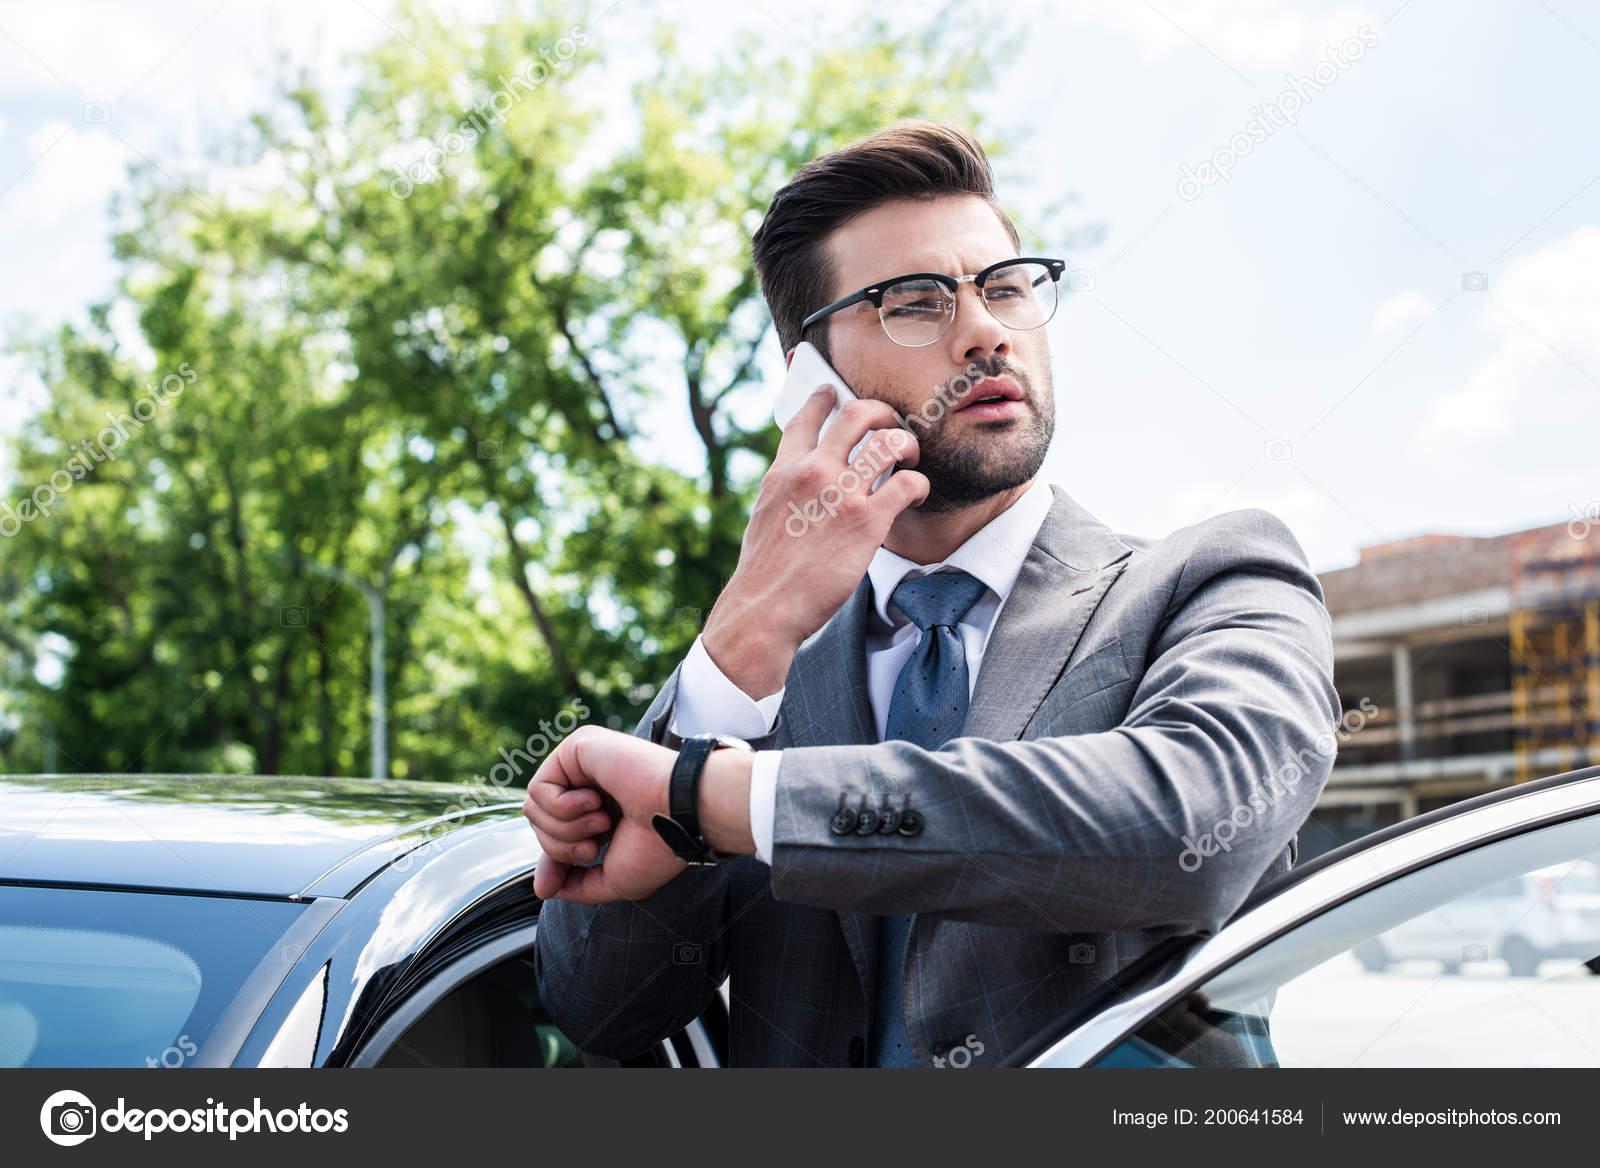 aed11fad67 Retrato Empresaria Gafas Hablando Teléfono Inteligente Estando Cerca Coche  Calle — Fotos de Stock